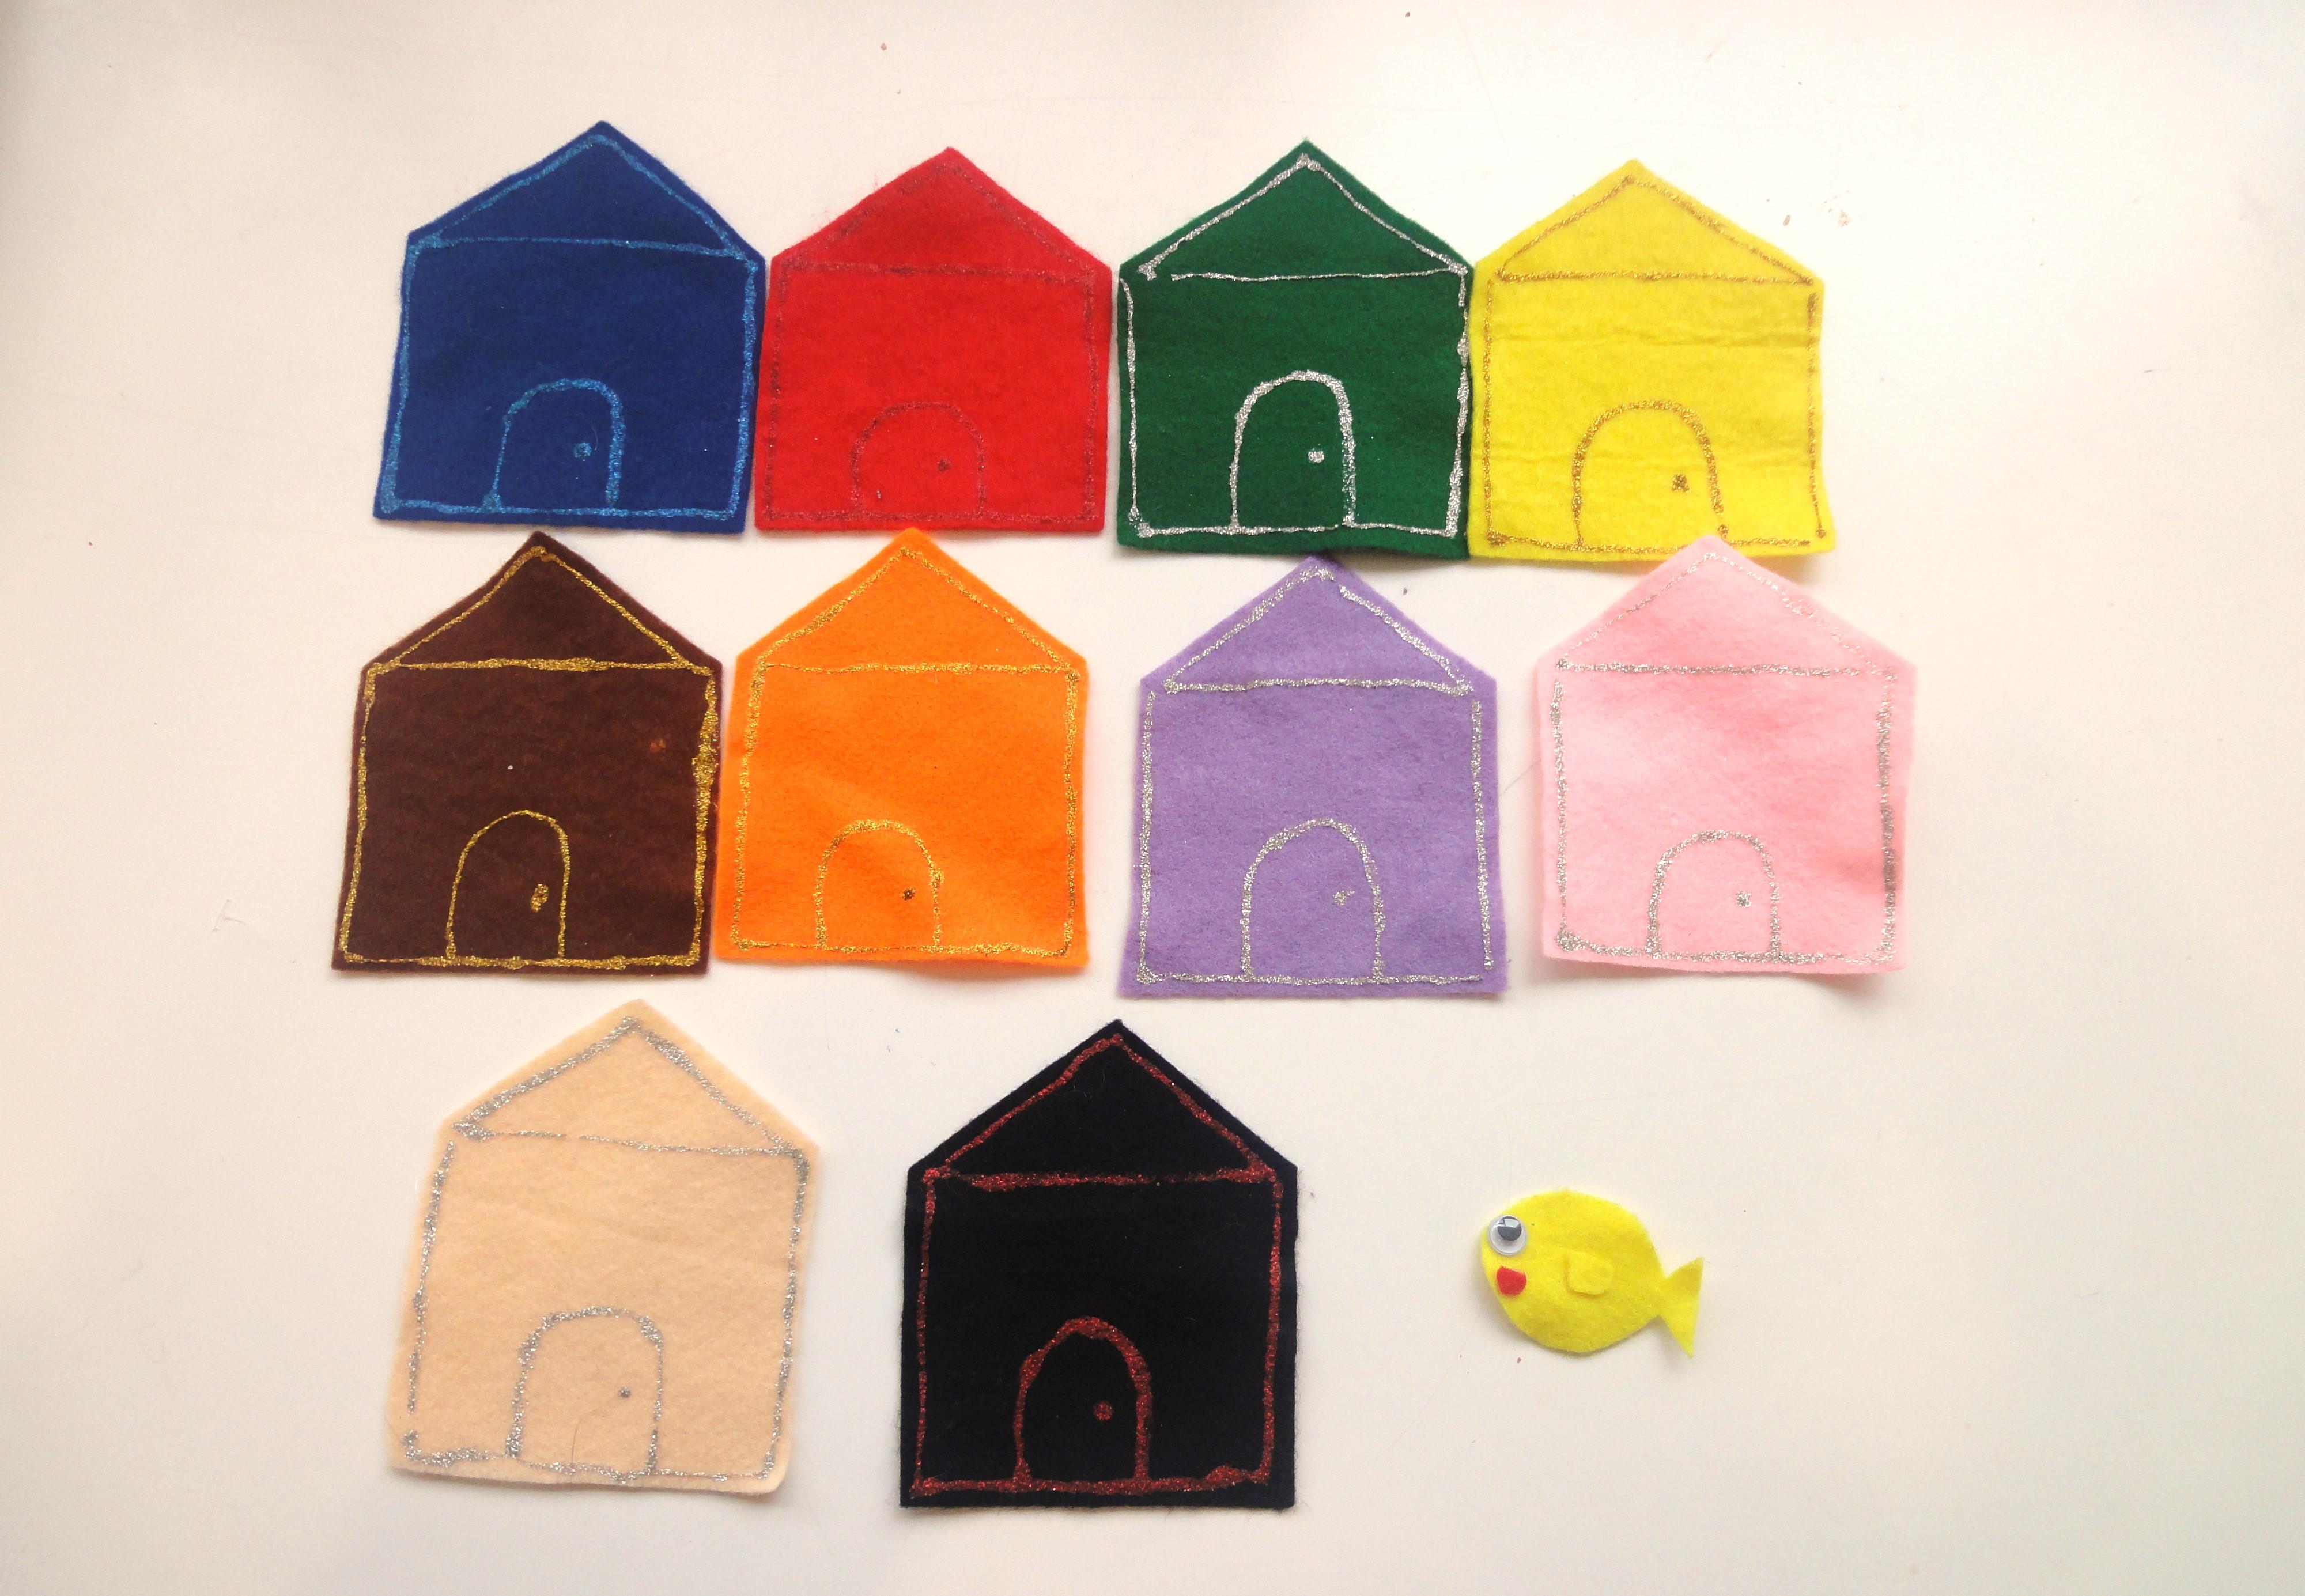 10色のフェルトを家の形に切ったものと、フェルトで作った魚の写真